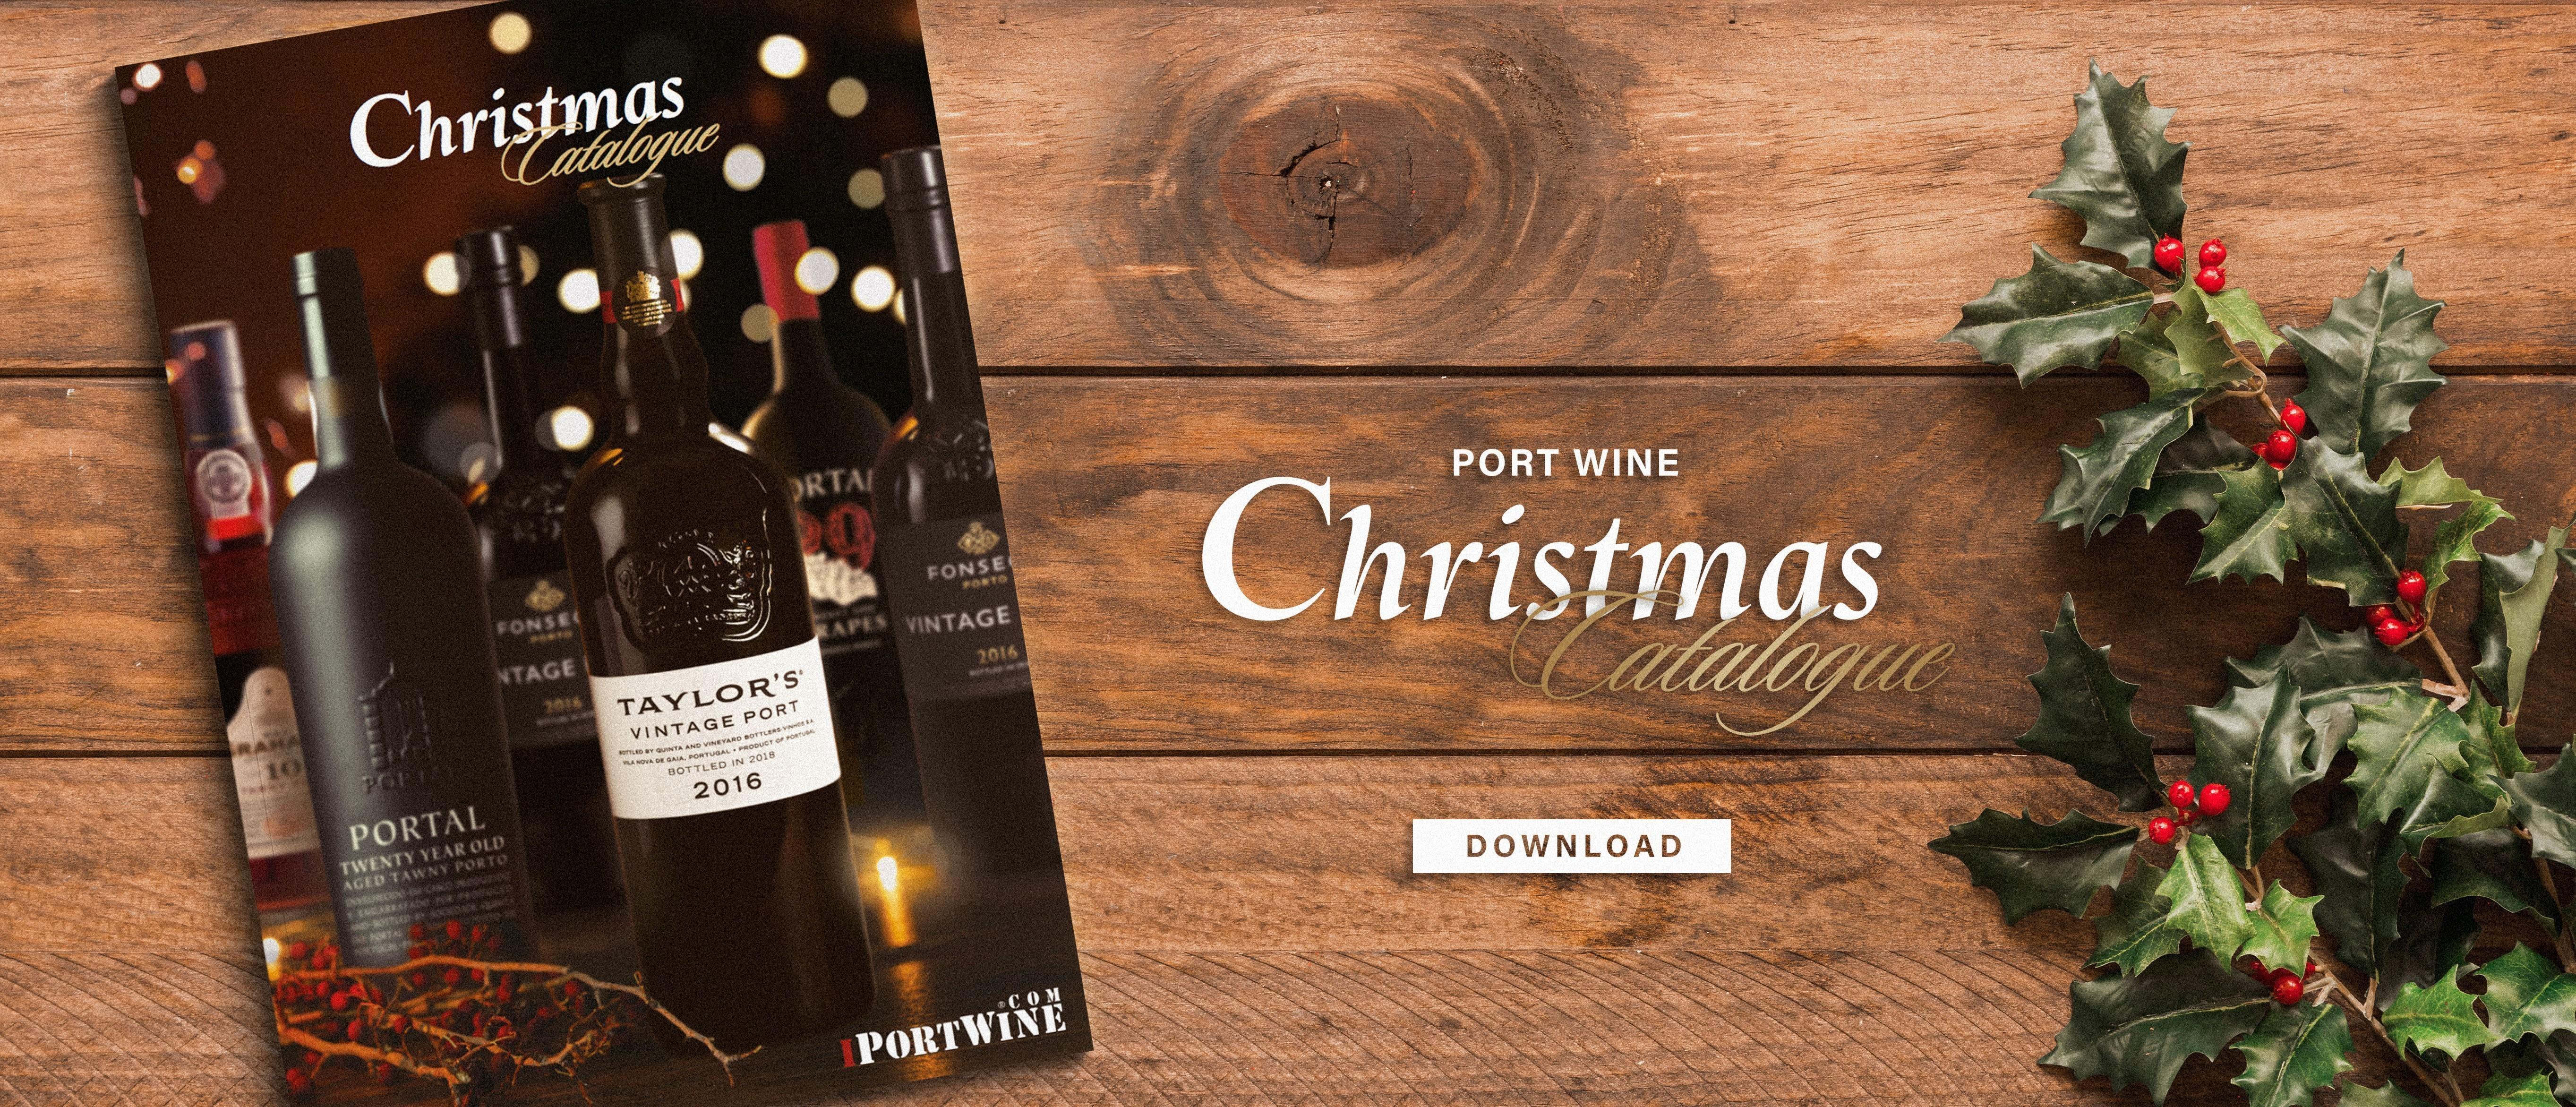 Catalogo Iportwine Port